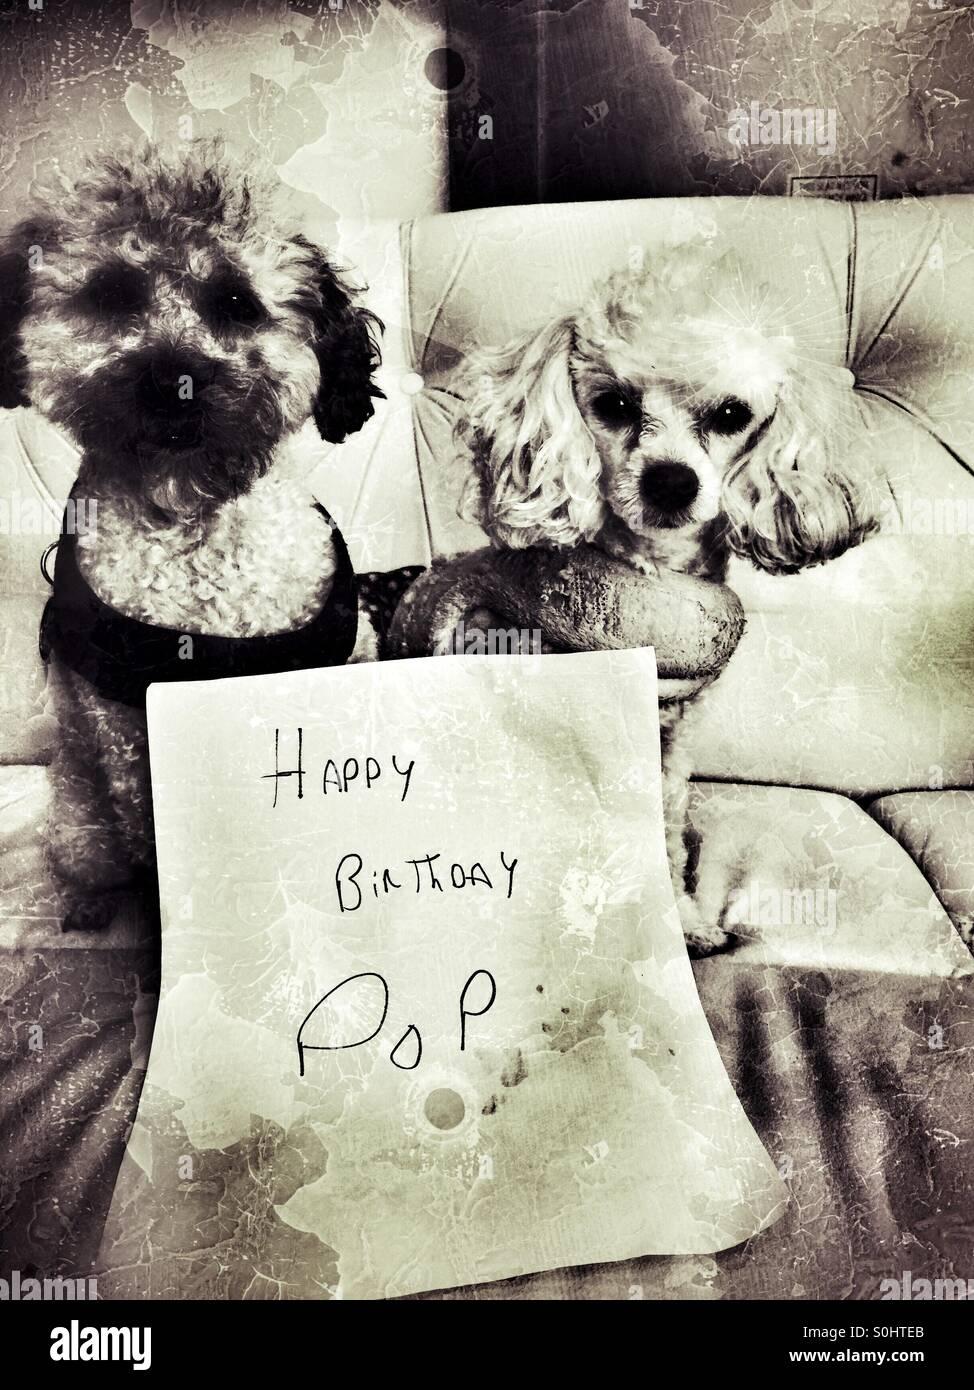 Wunsche Zum Geburtstag Alles Gute Mit Torte Und Hund